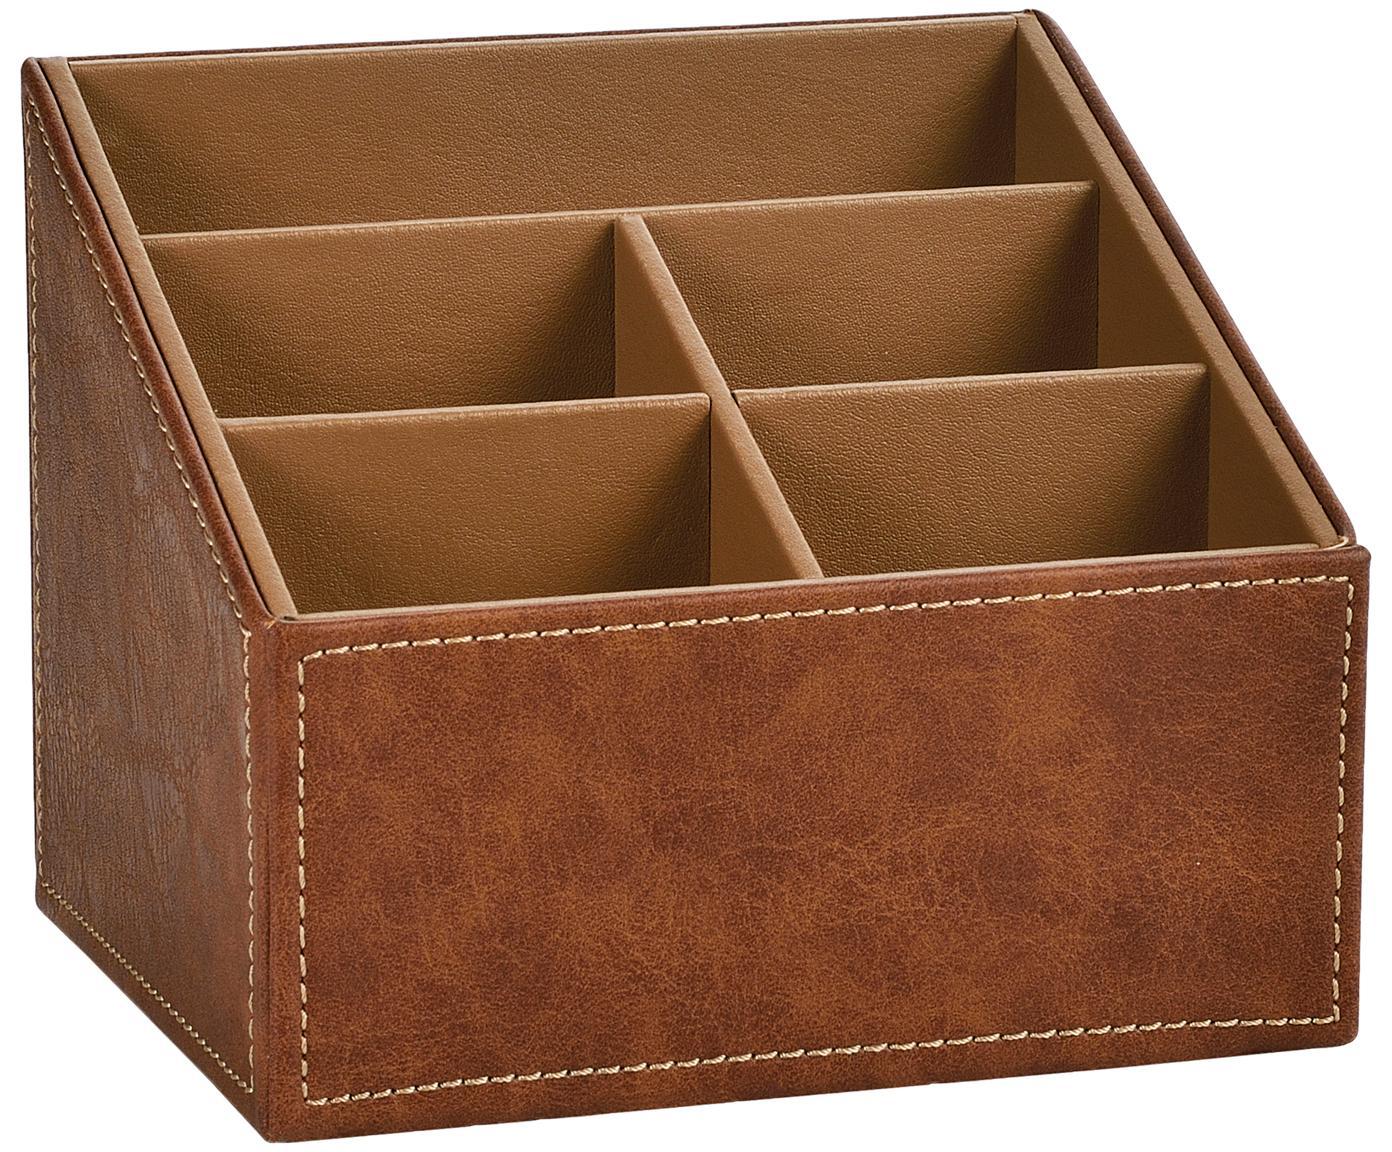 Organizer biurowy Storage, Tapicerka: poliuretan (sztuczna skór, Stelaż: płyta pilśniowa średniej , Brązowy, S 17 x W 13 cm